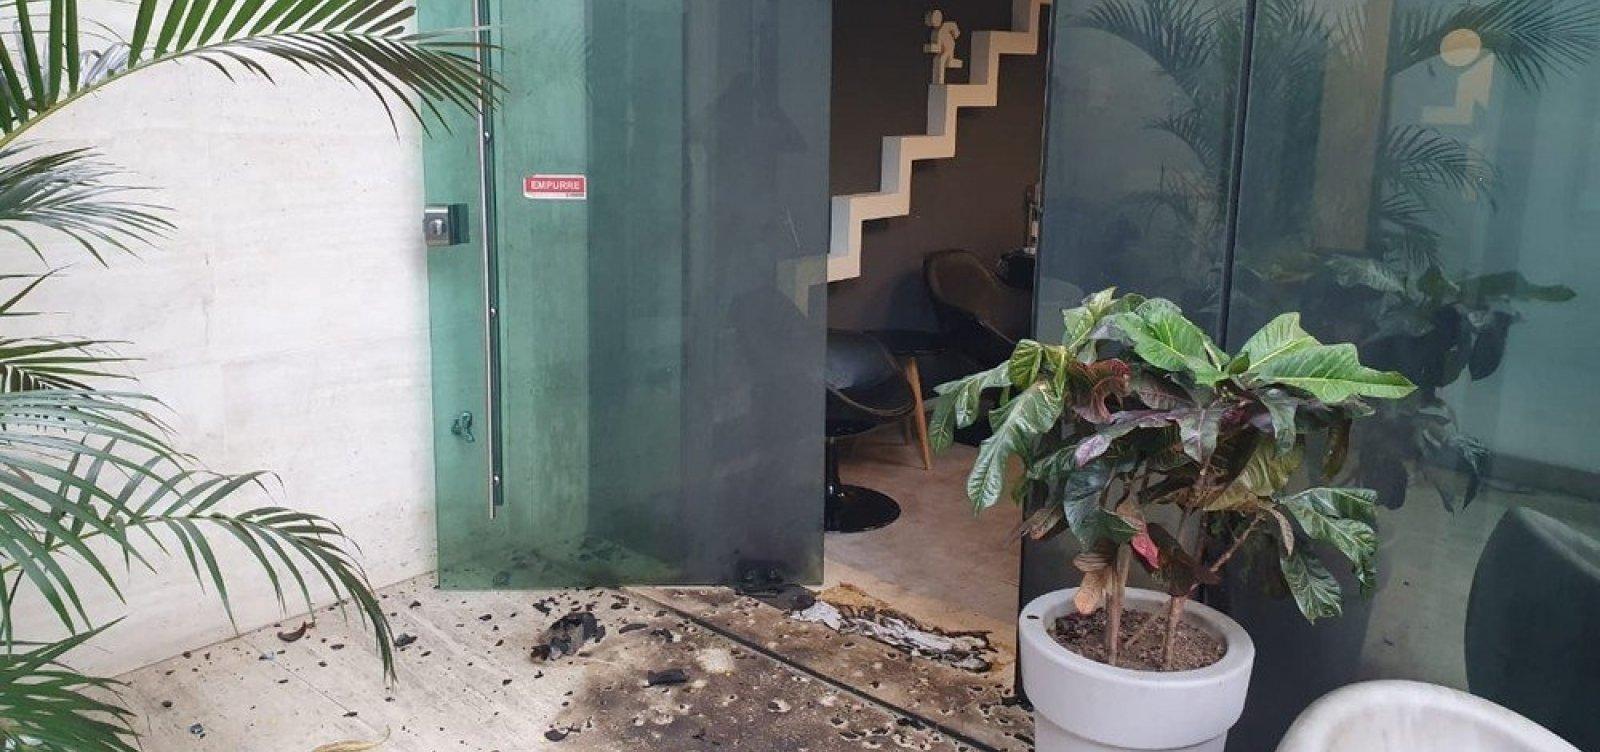 [Imagens mostram placa de caminhonete e criminosos com capuzes após ataque ao Porta dos Fundos]